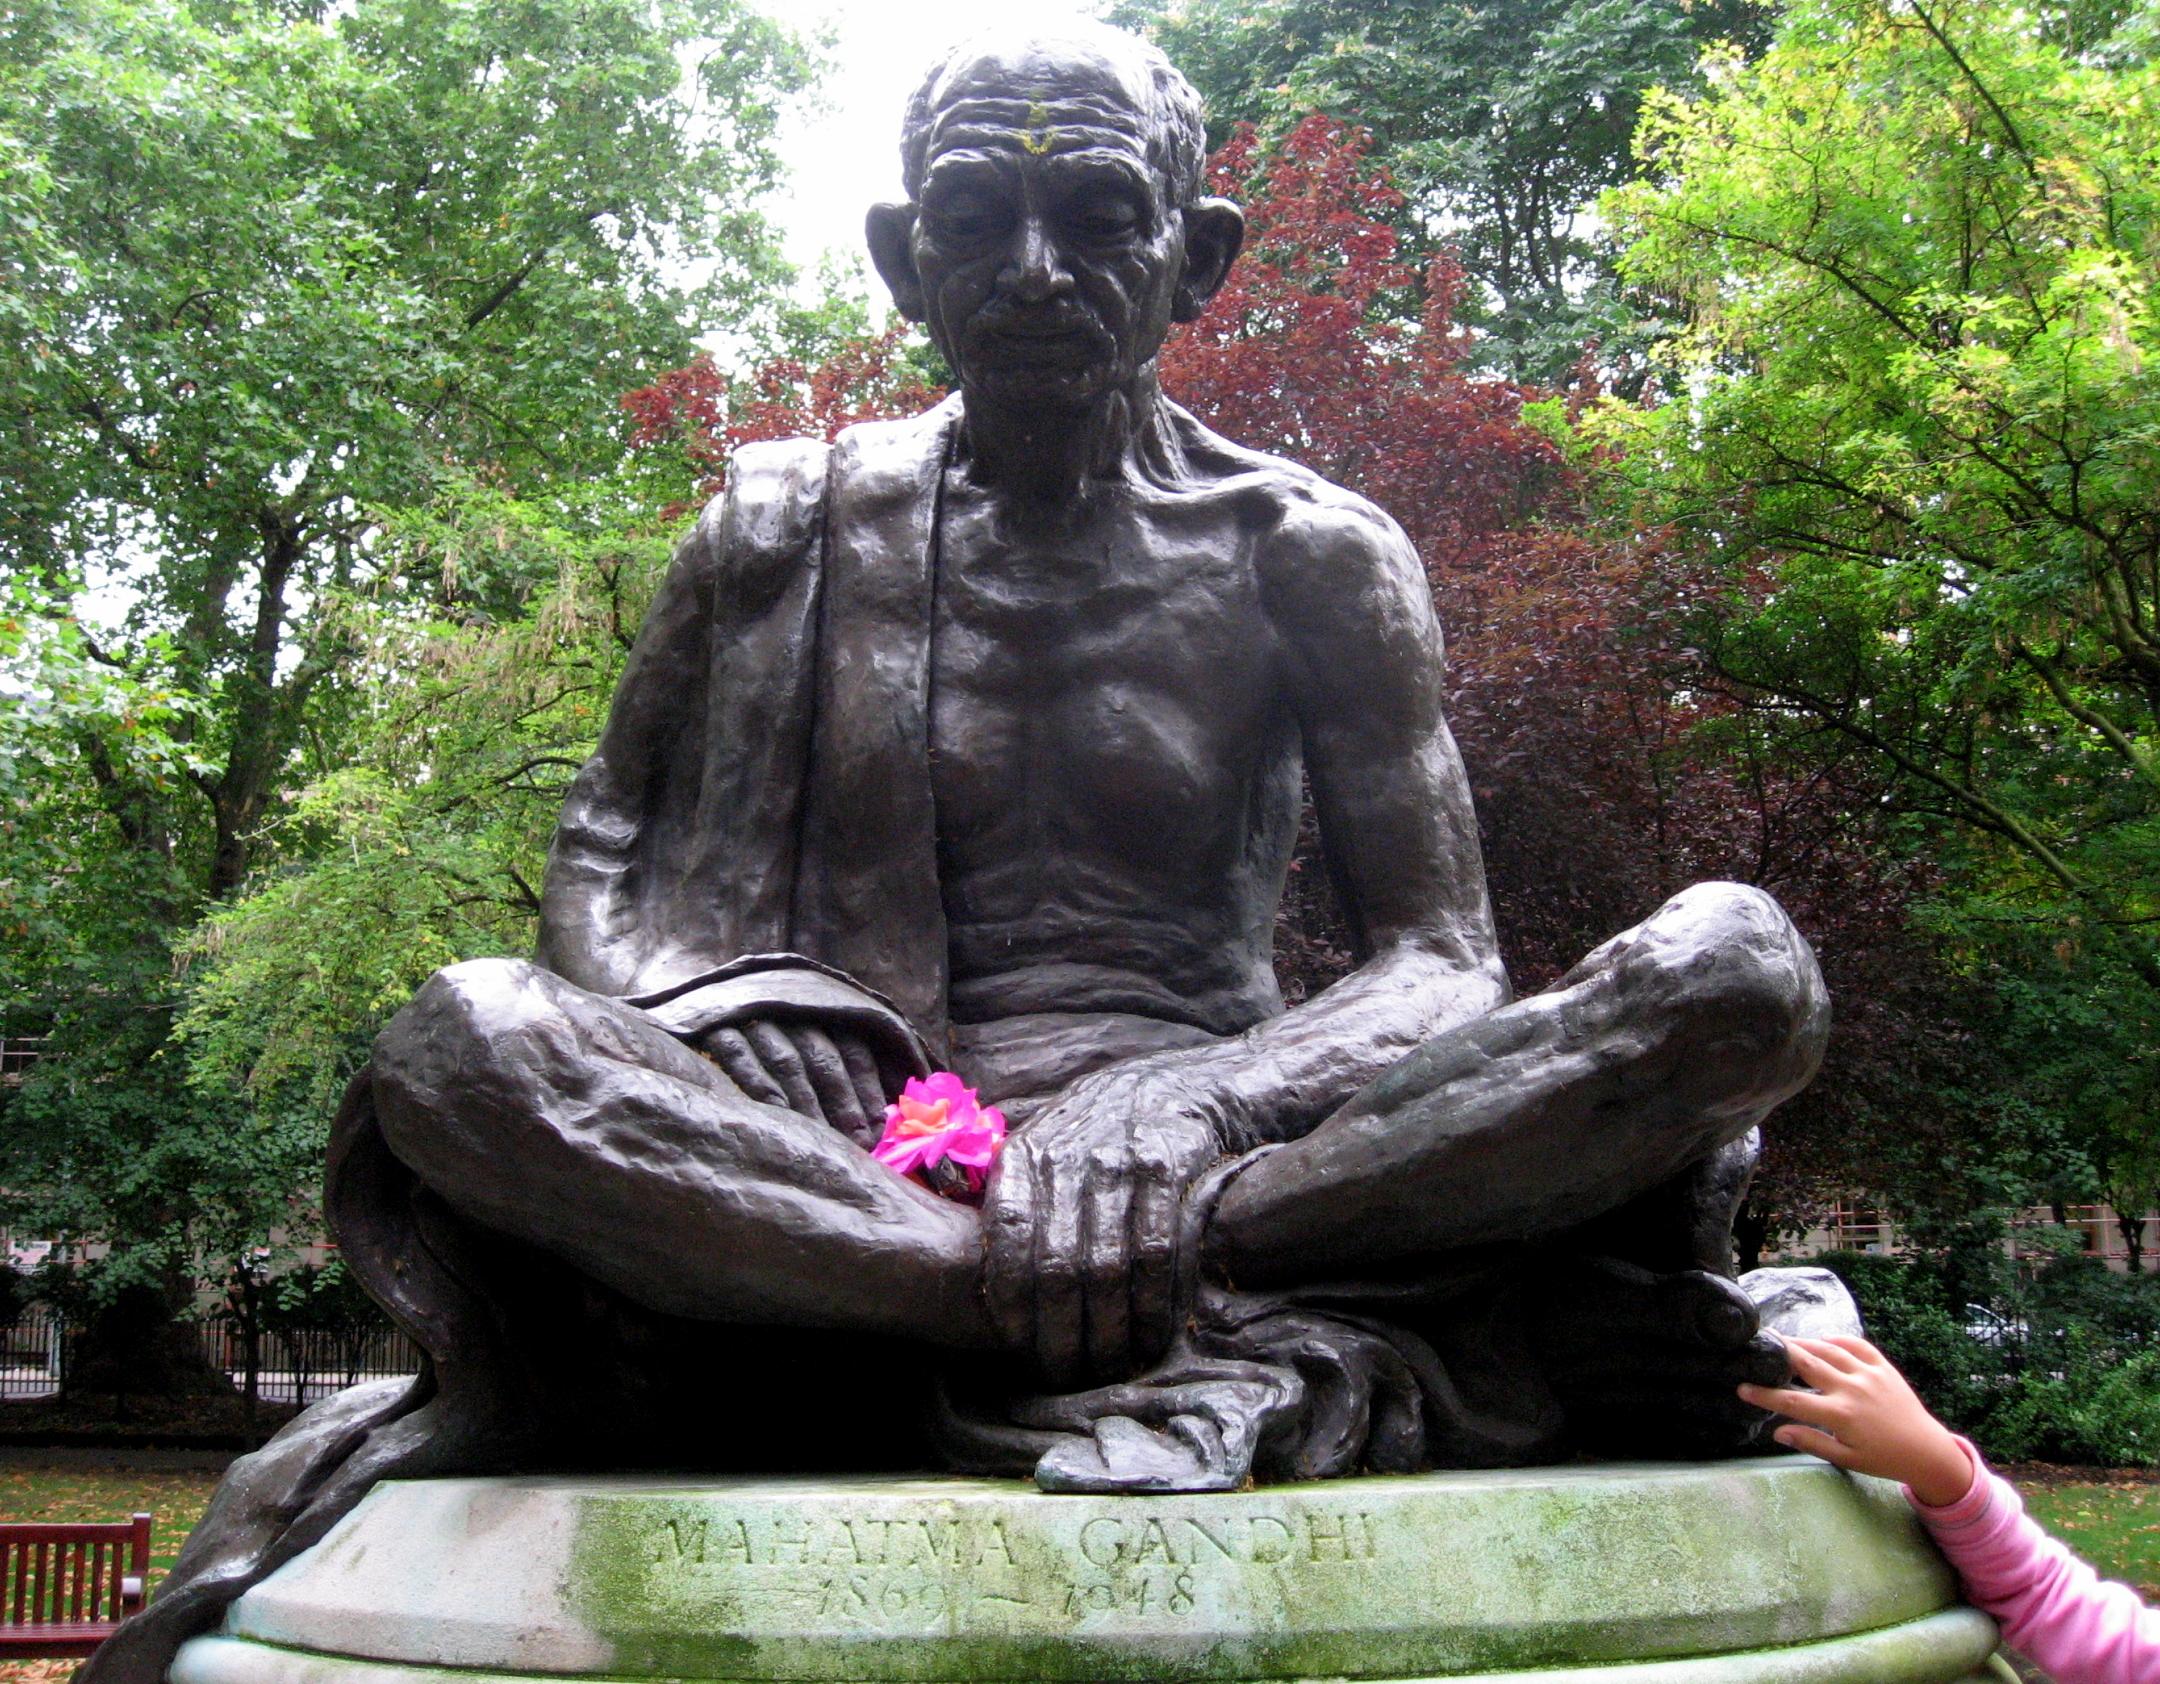 FileGandhi Statue Tavistock Square London